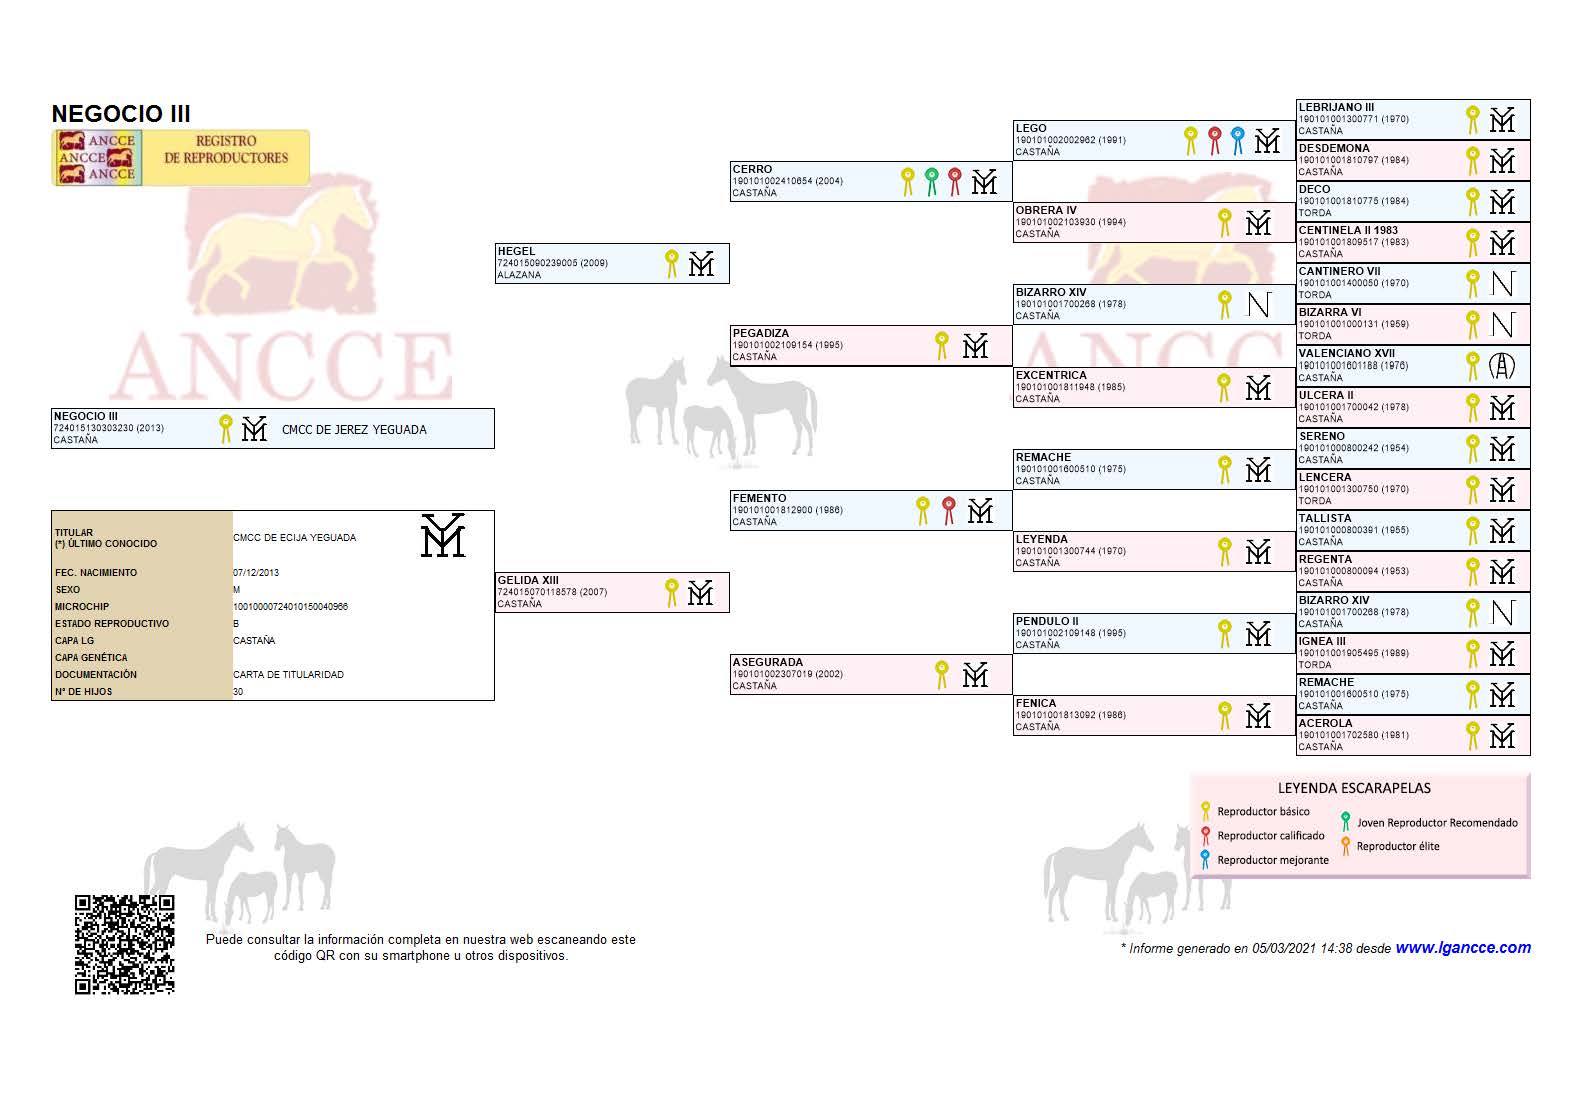 Negocio III Genealogía